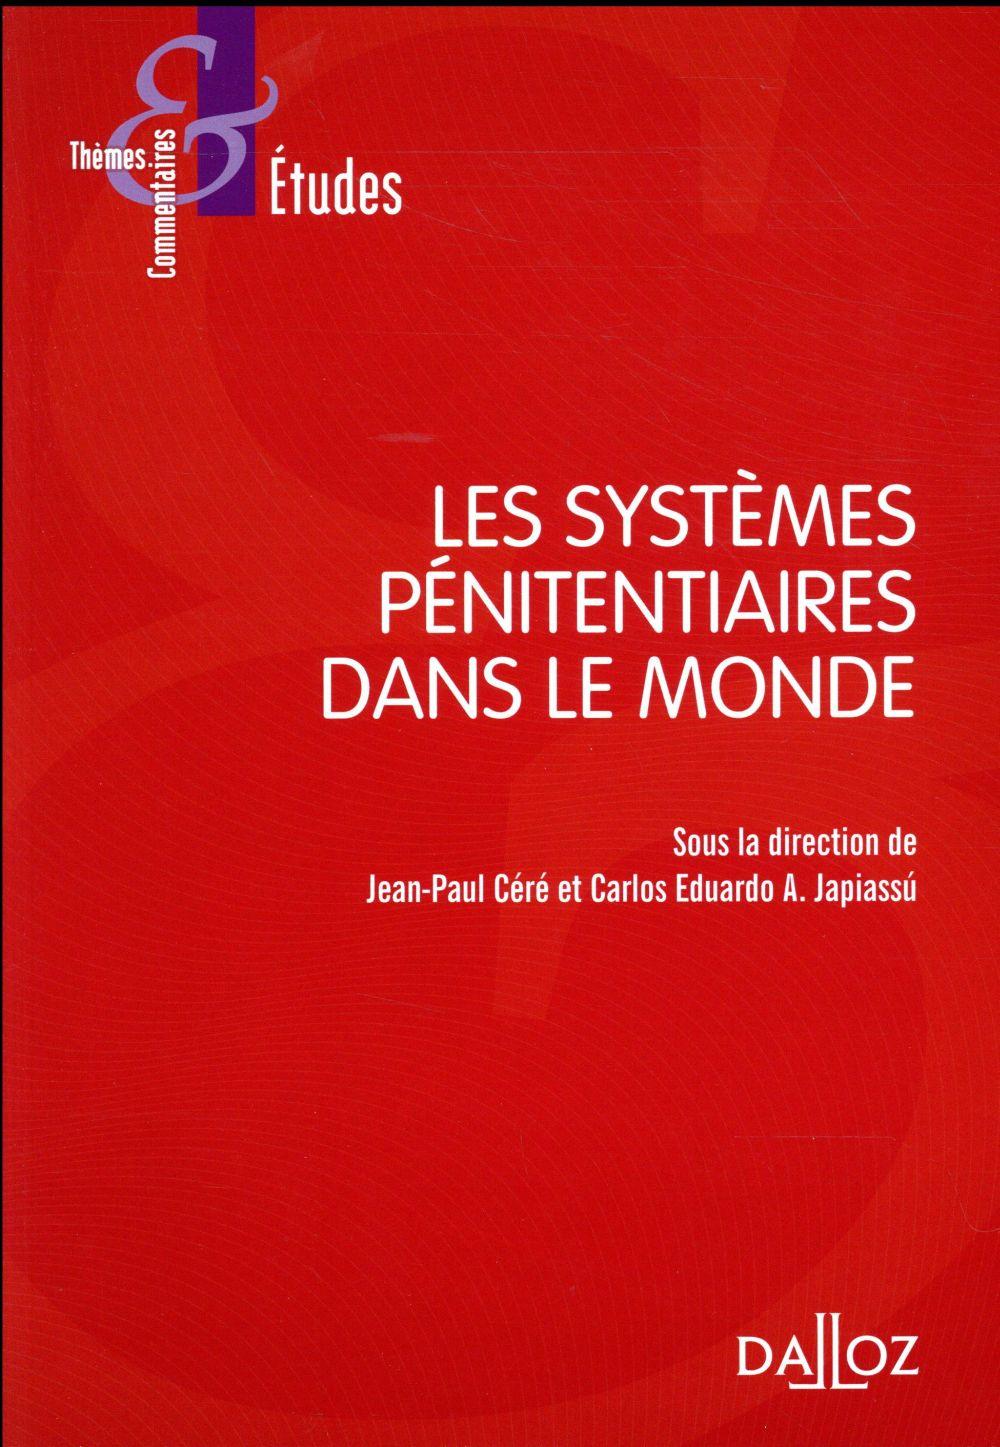 Les systèmes pénitentiaires dans le monde (édition 2017)